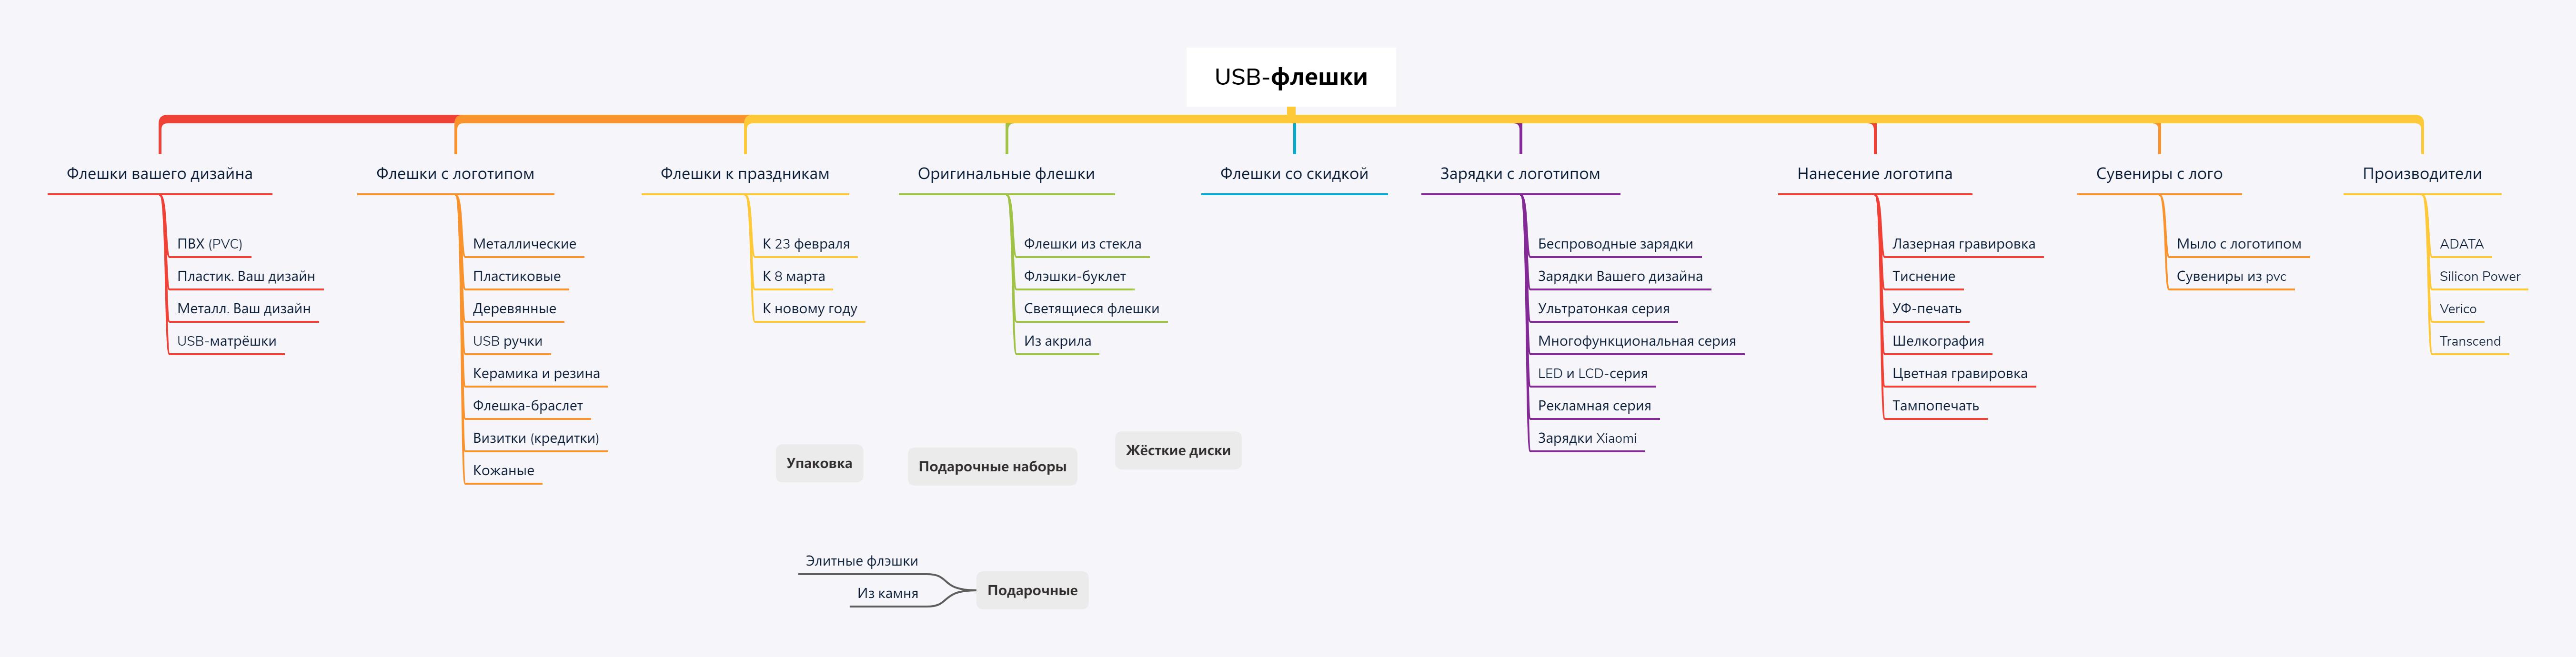 Структура сайта по флешкам